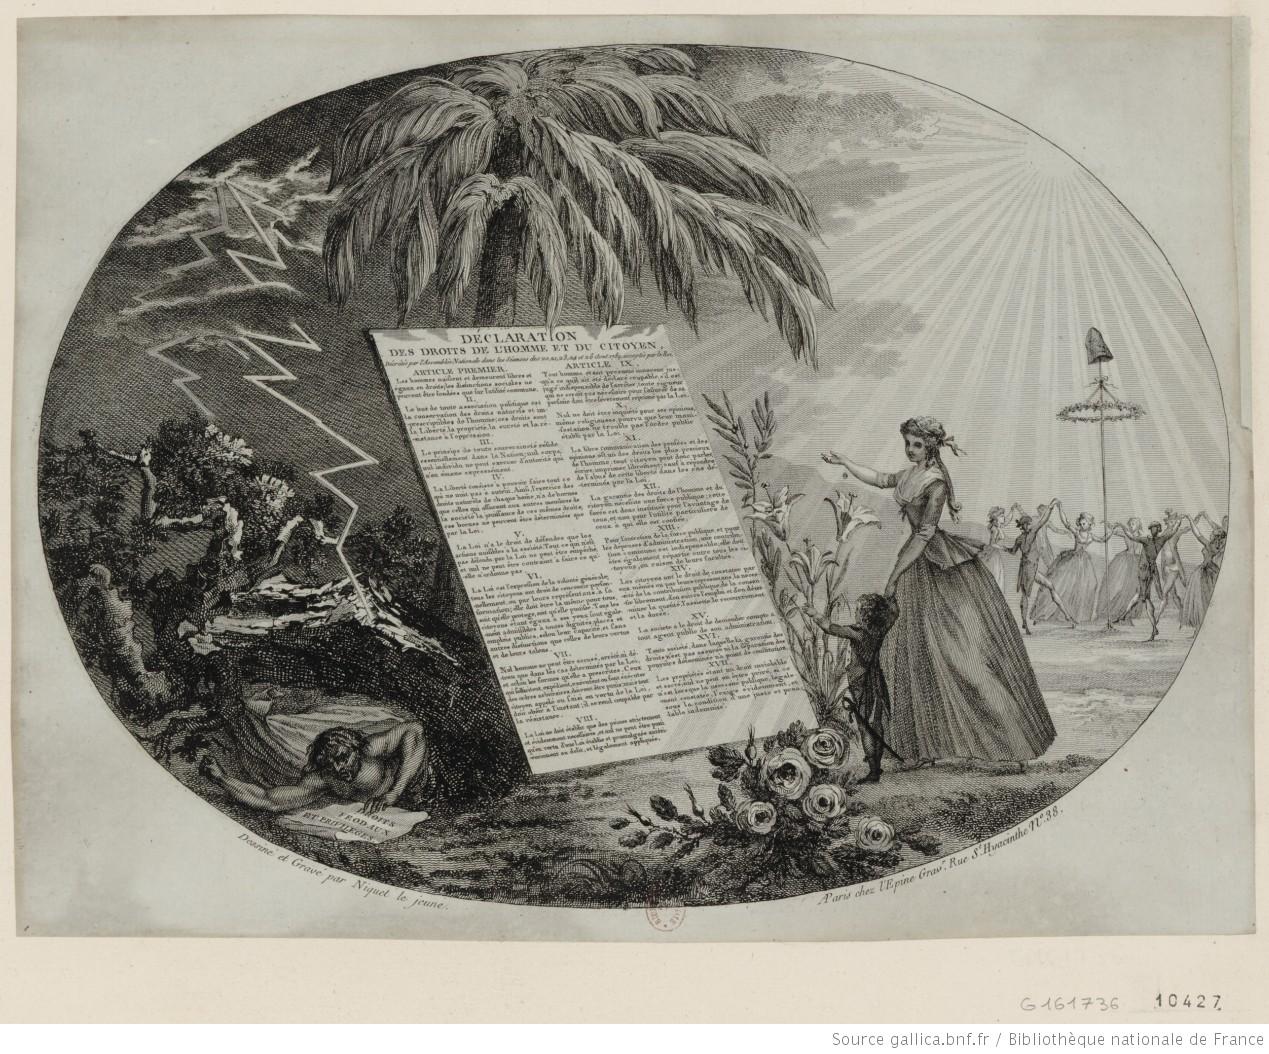 Gravure 'Déclaration des droits de l'homme' door (Claude) Niquet le jeune (1789), Bibliothèque Nationale de France